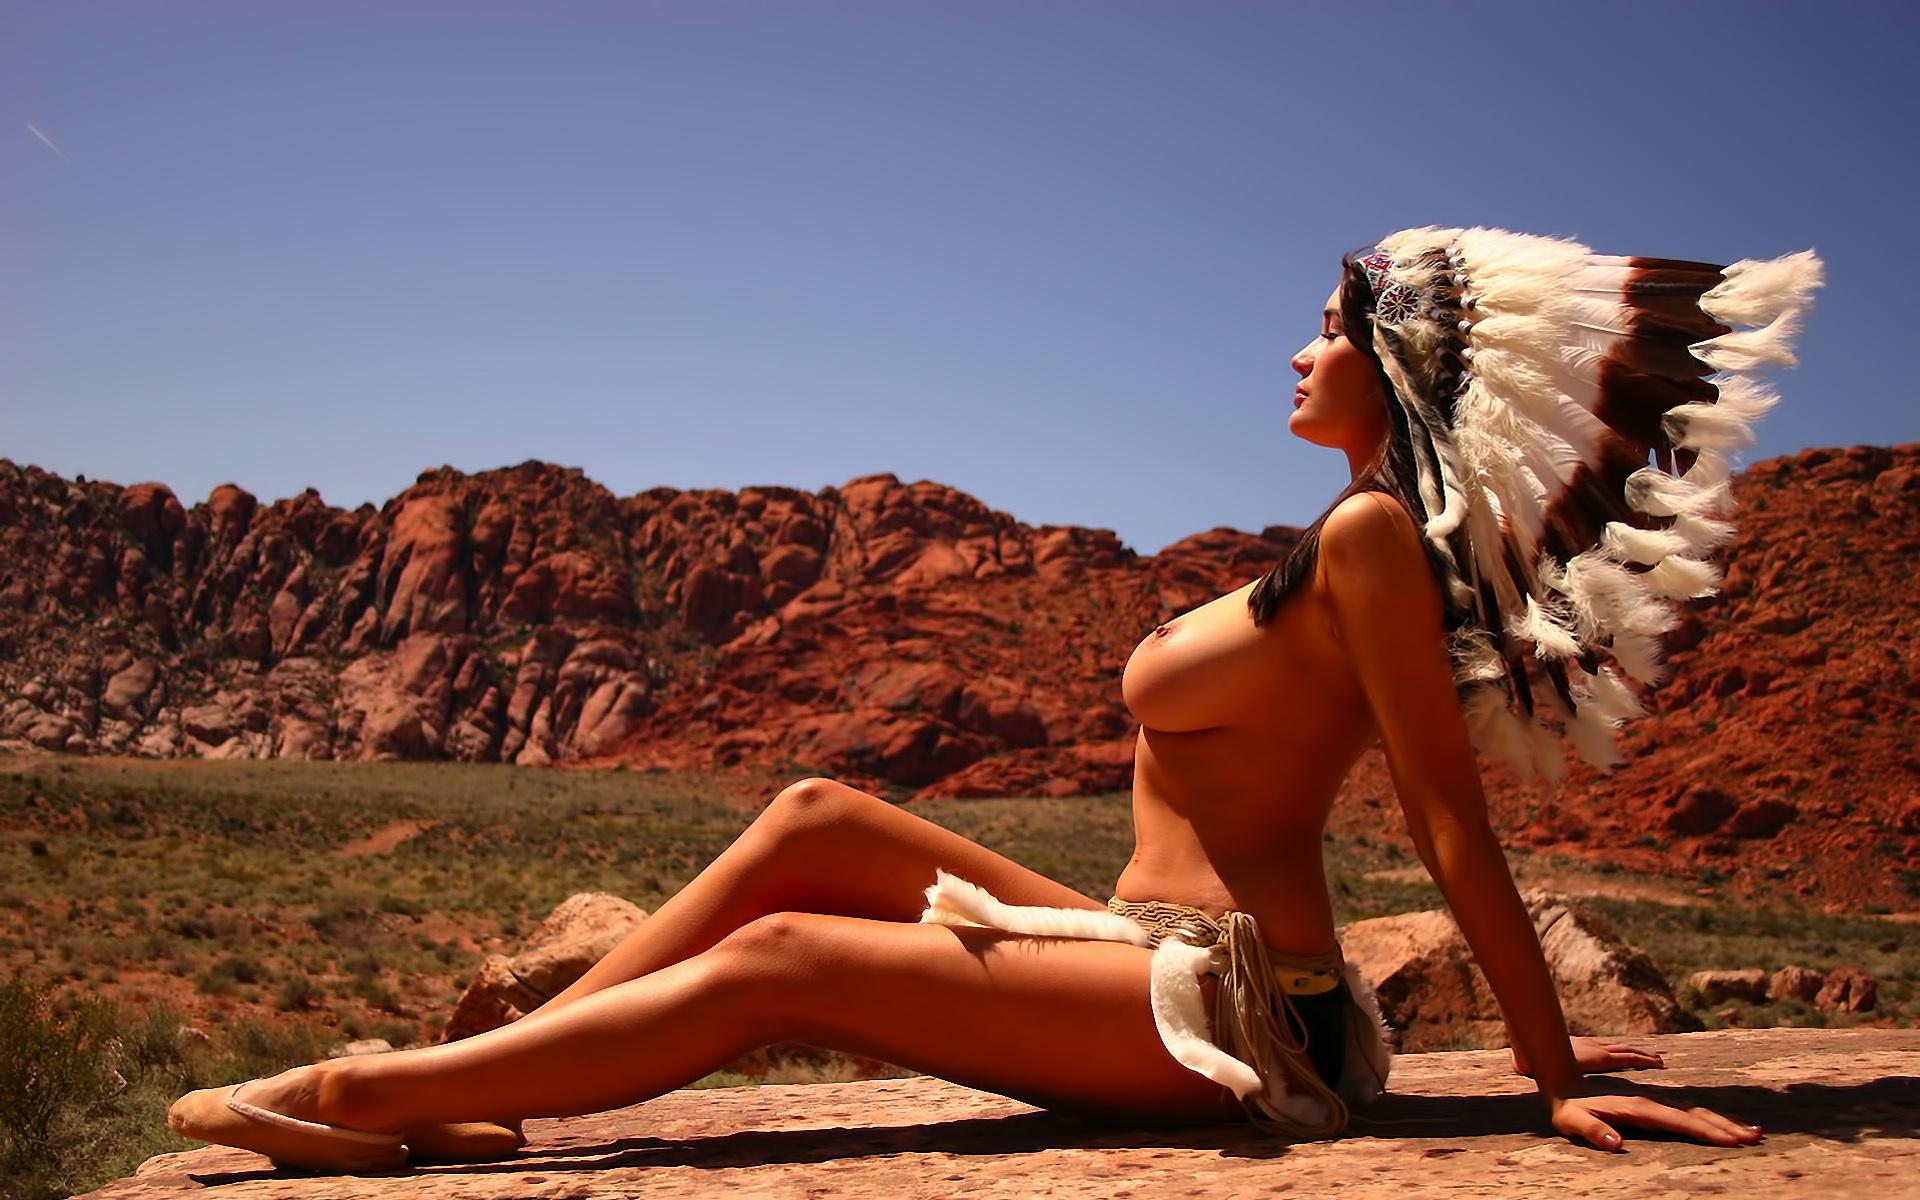 Фото голых женщин в америке 17 фотография